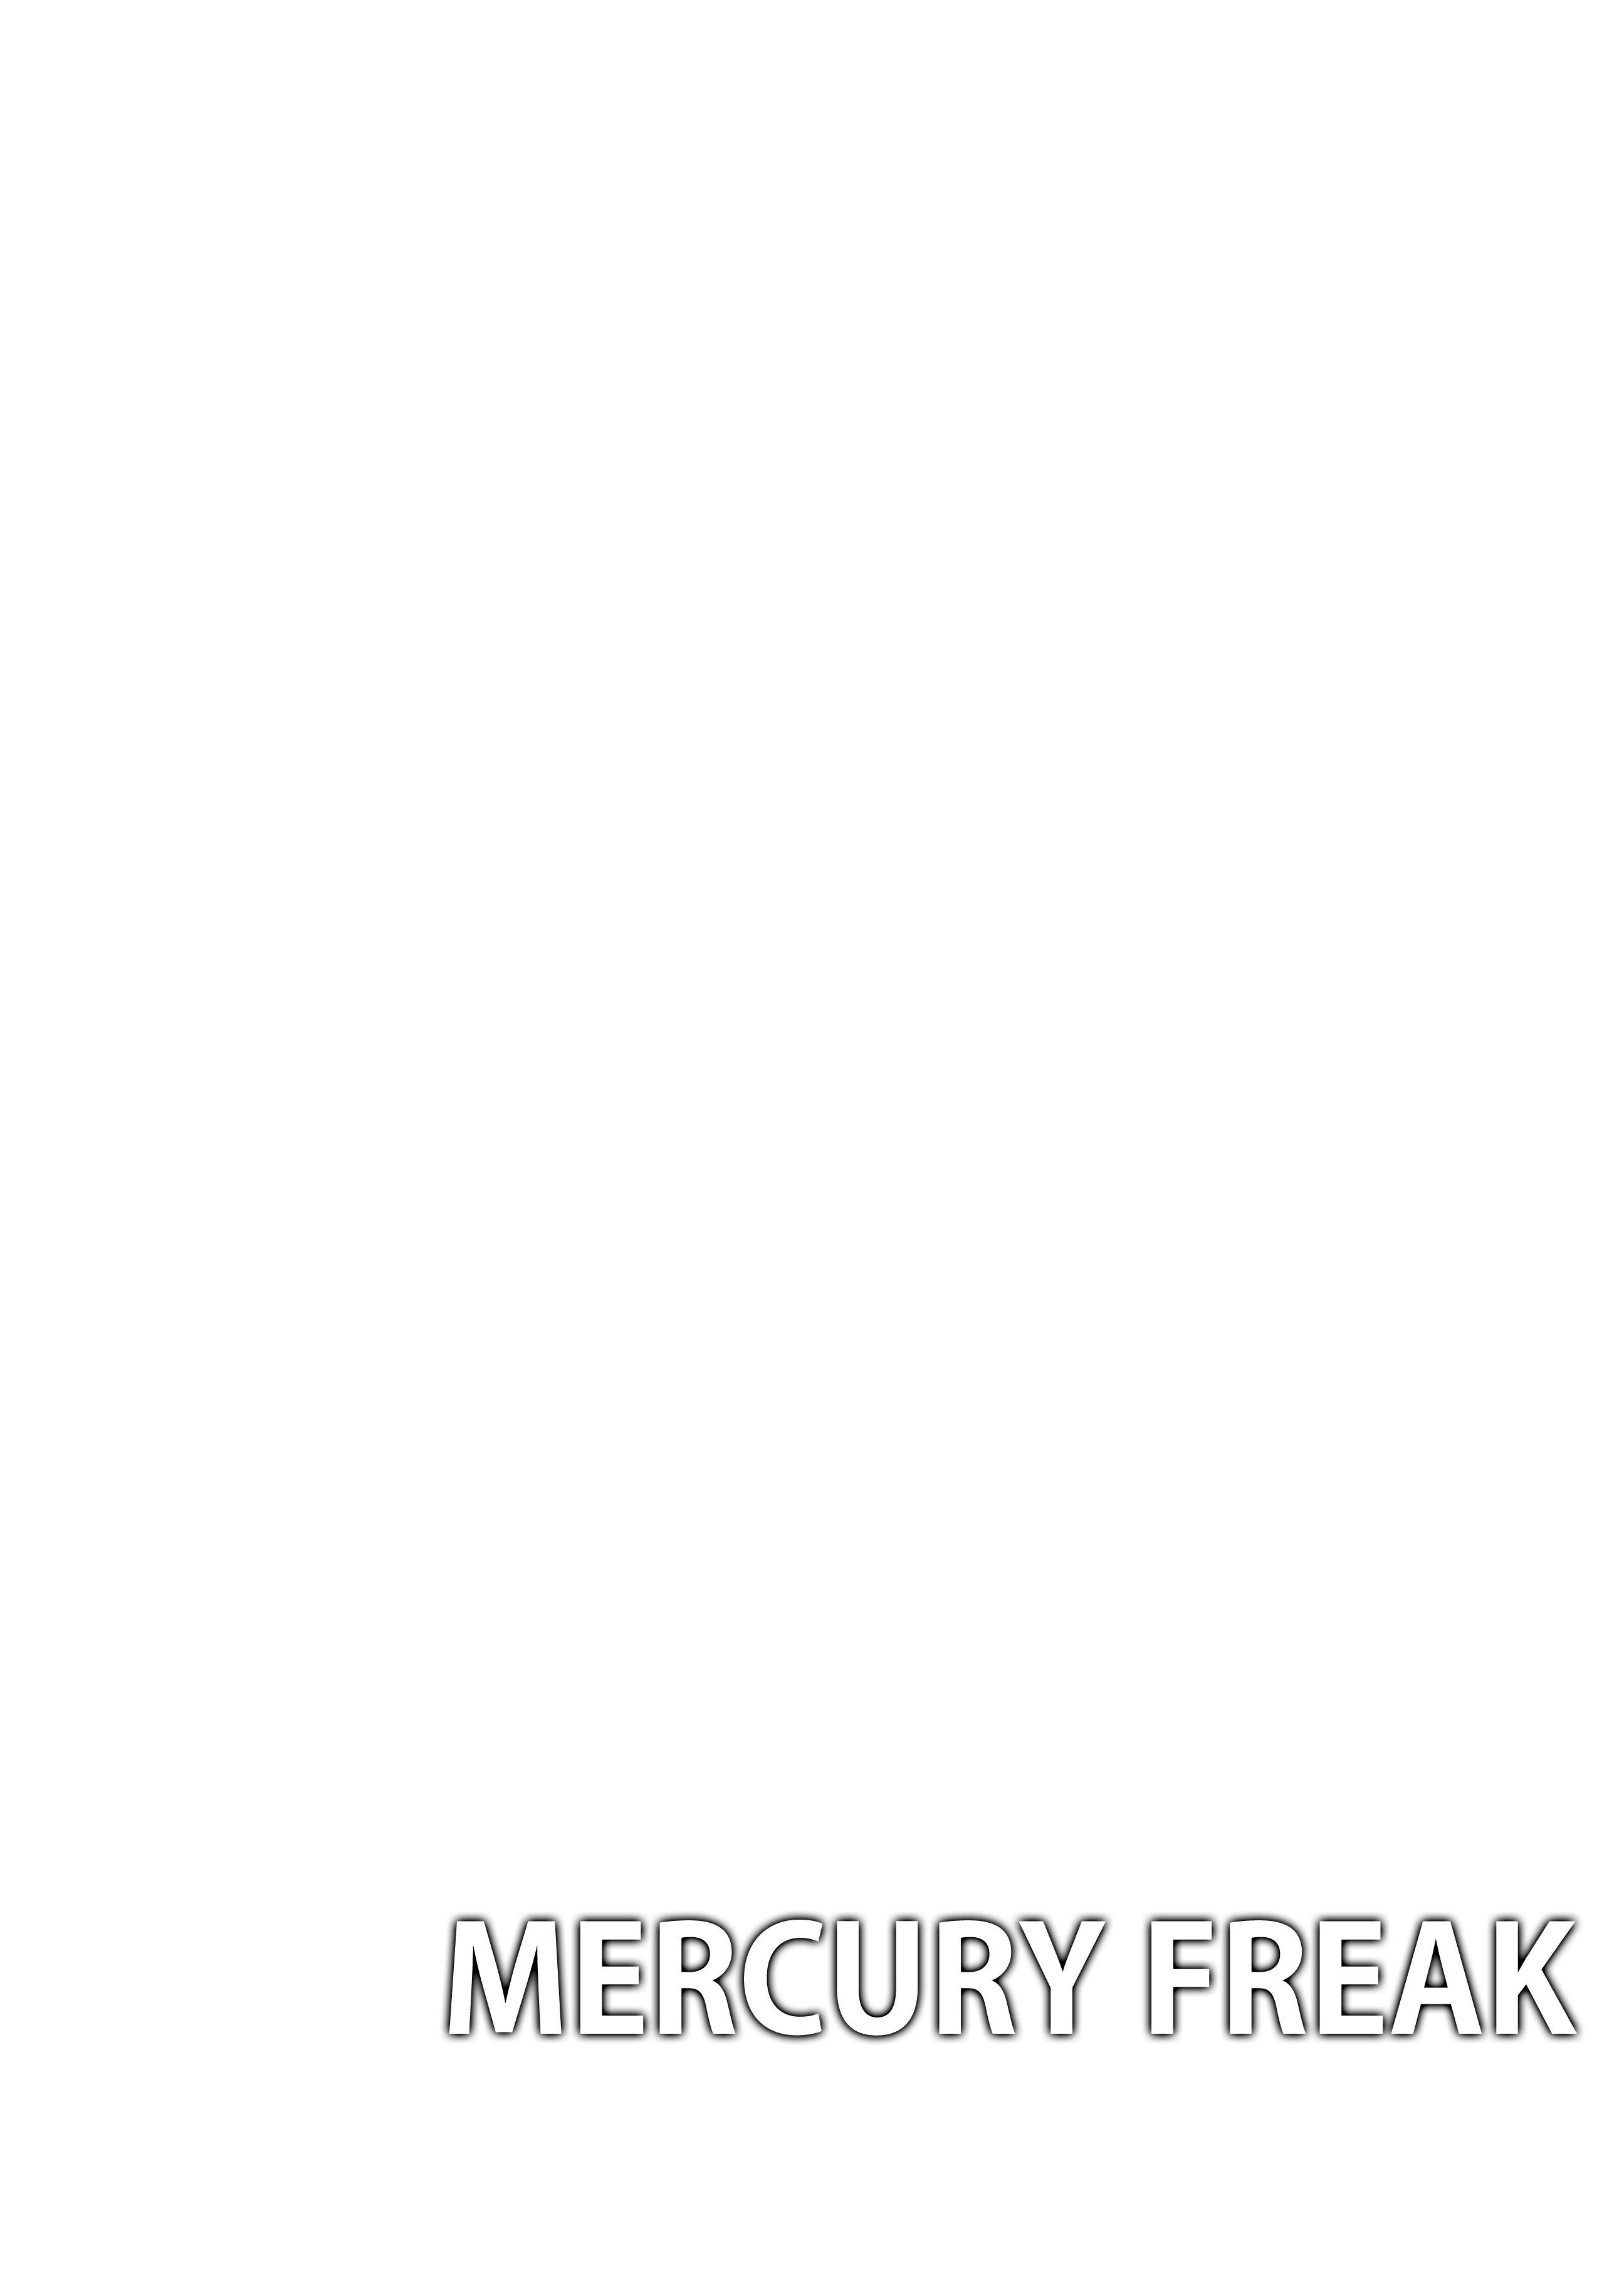 【セーラームーン エロ同人誌】保体の実技だけのはずが巨根チンコ見てたら我慢できずに生ハメしちゃうまこちゃんが悶絶アクメwww【水野亜美&木野まこと&火野レイ】